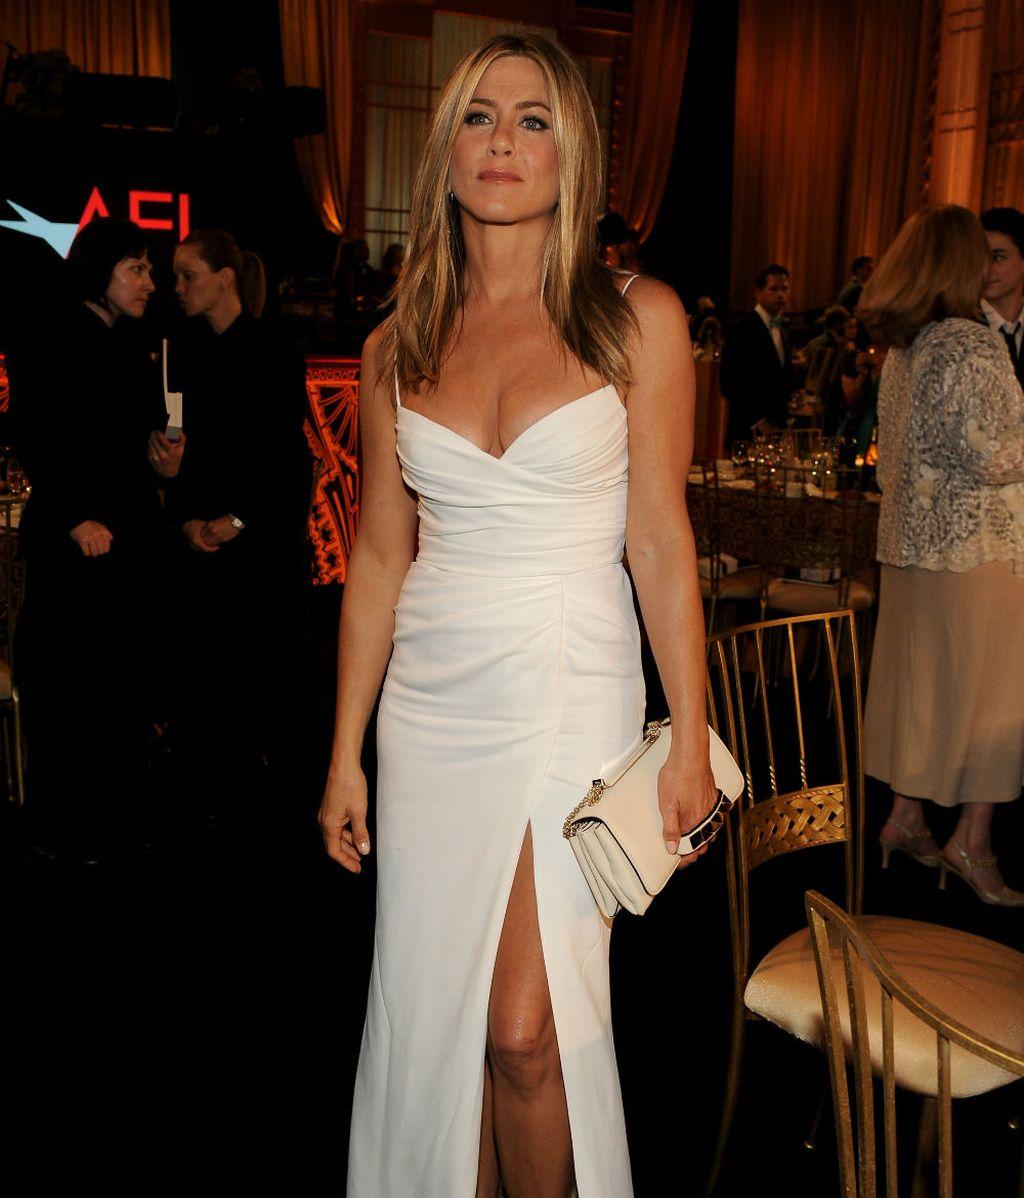 J Aniston